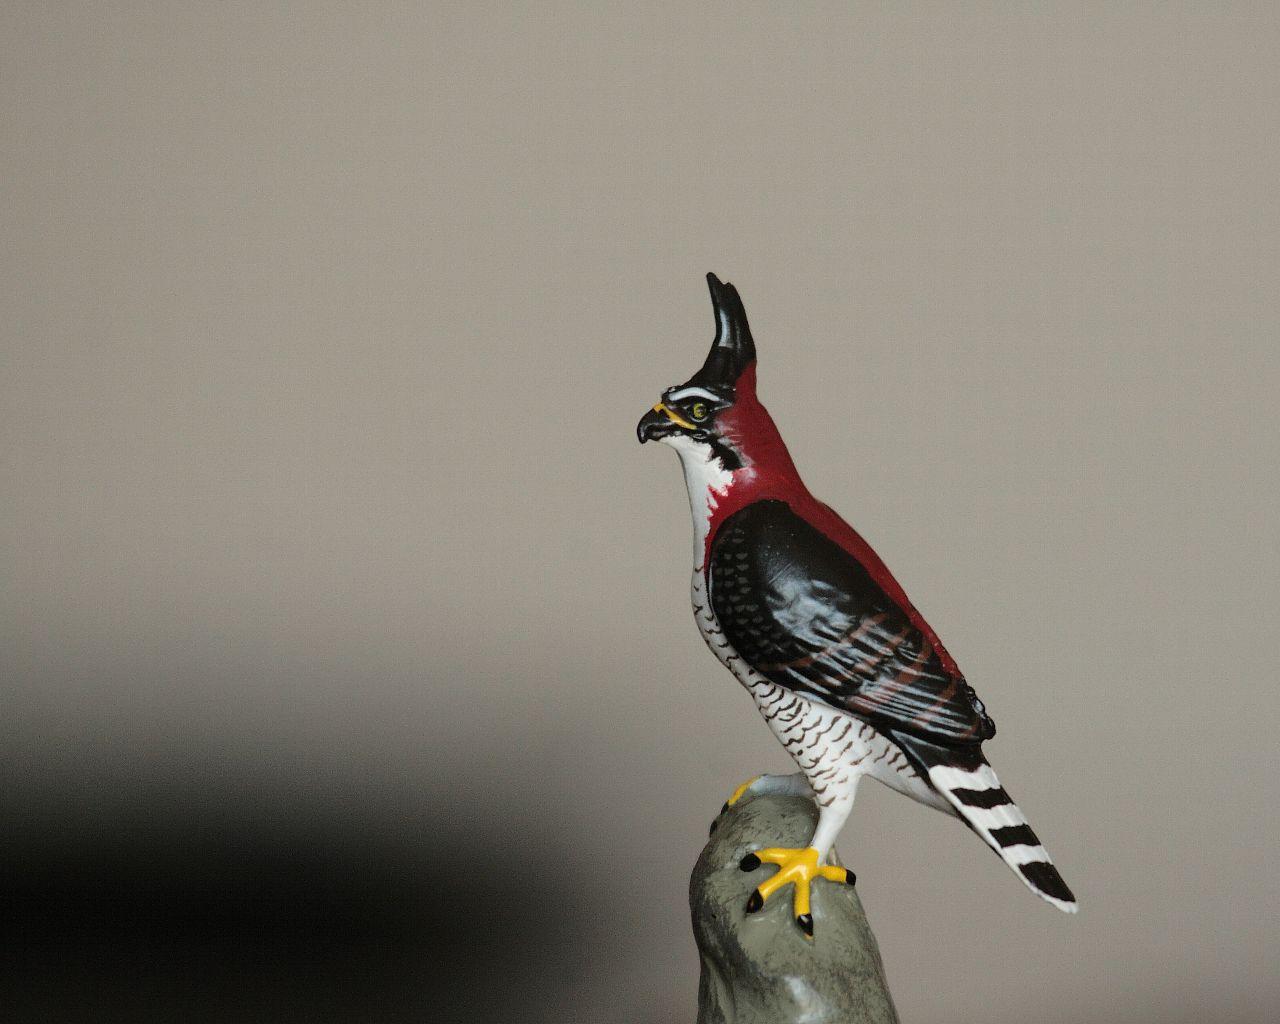 神奈川県厚木市に超がつく珍鳥アカエリクマタカが出現_f0105570_21485846.jpg